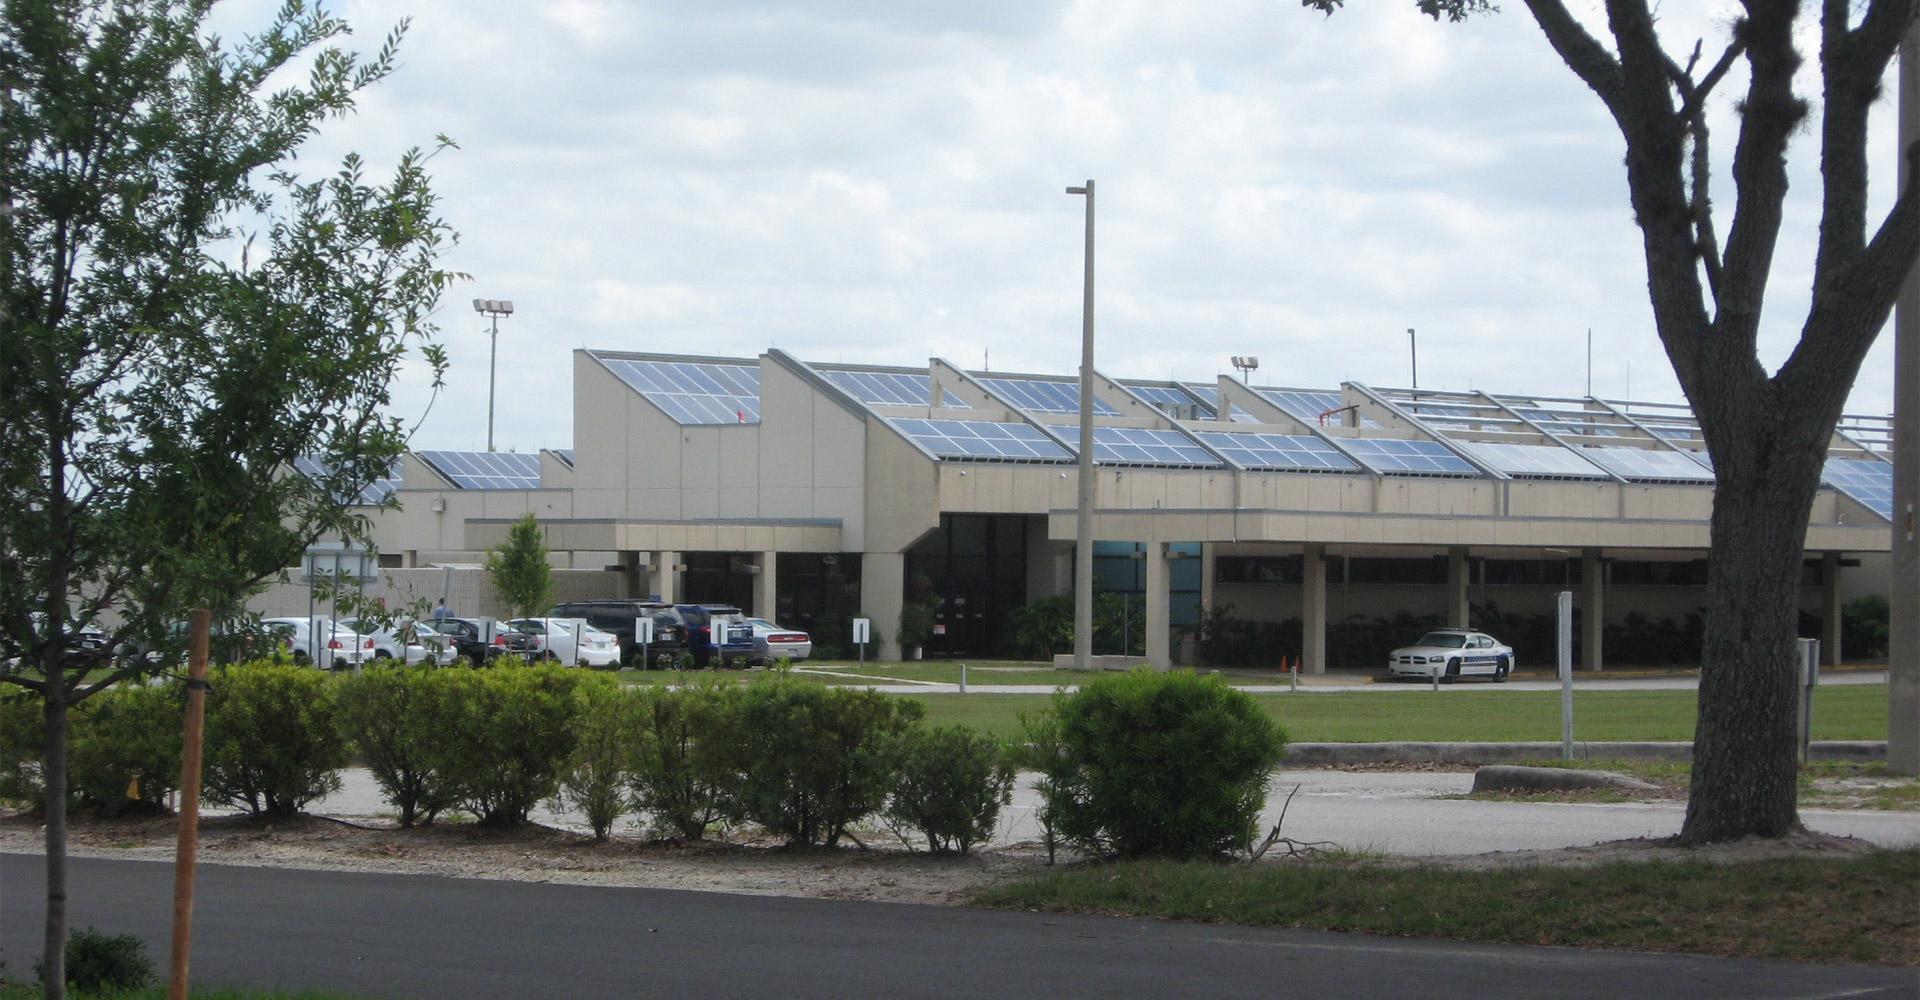 Gainesville Regional Airport Solar System Design.